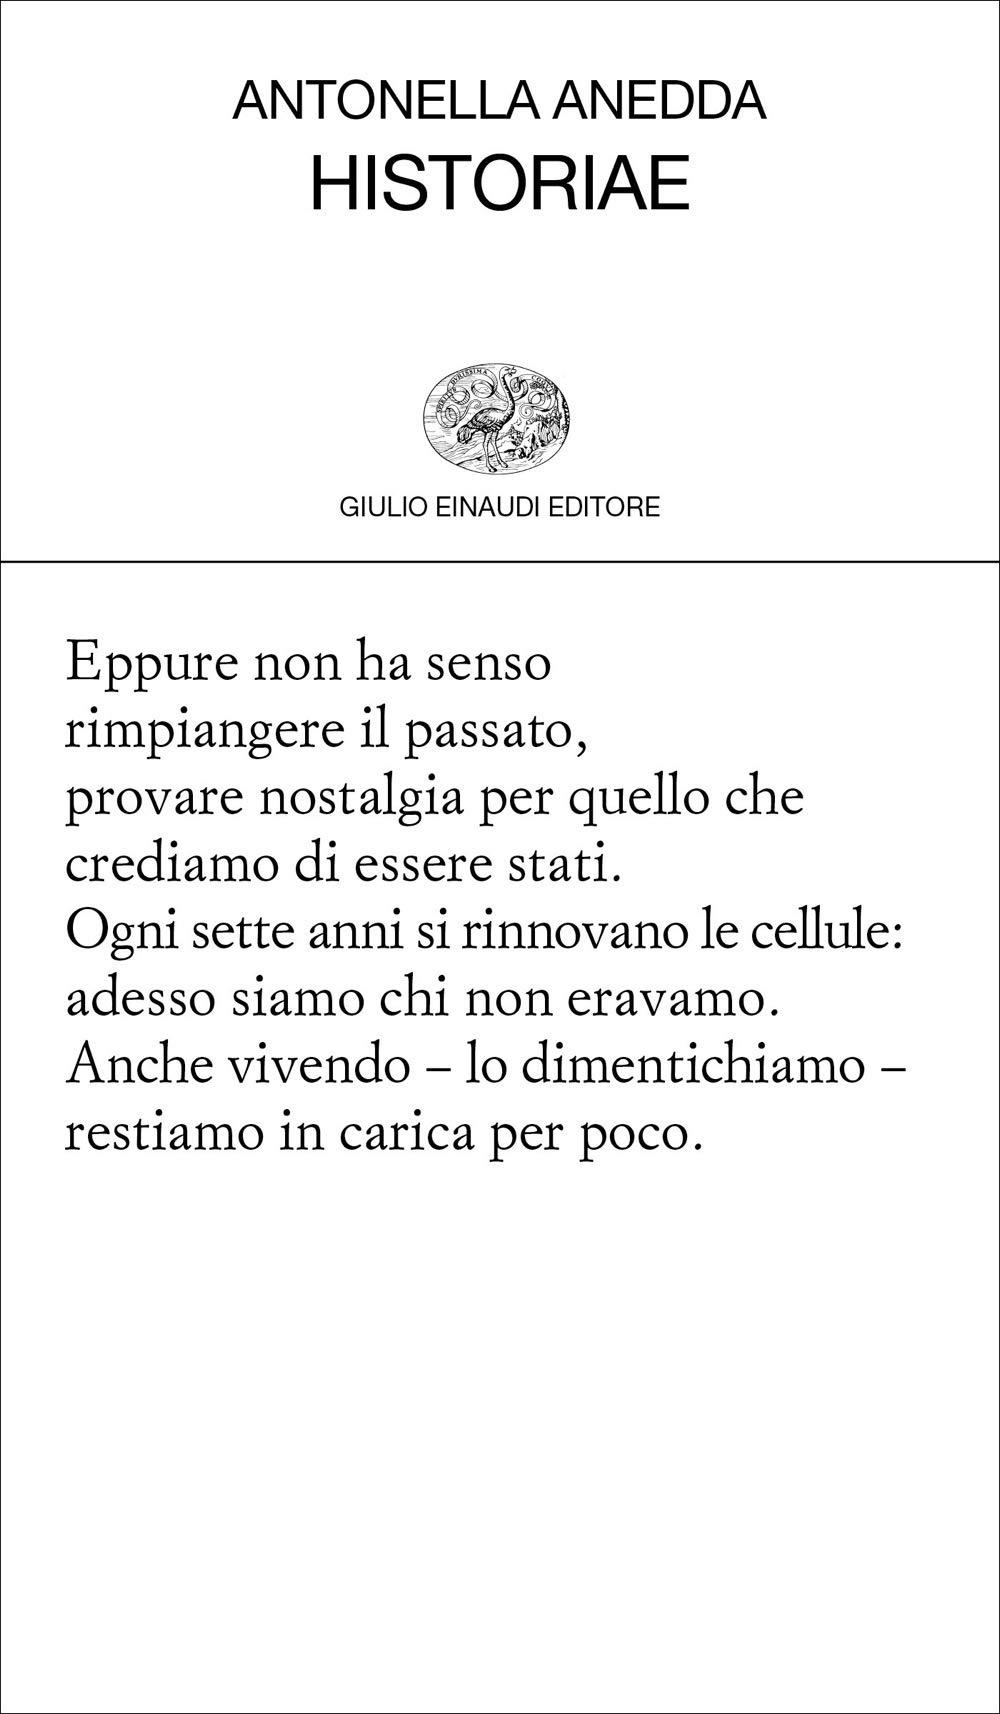 Antonella Anedda – Historiae – Einaudi